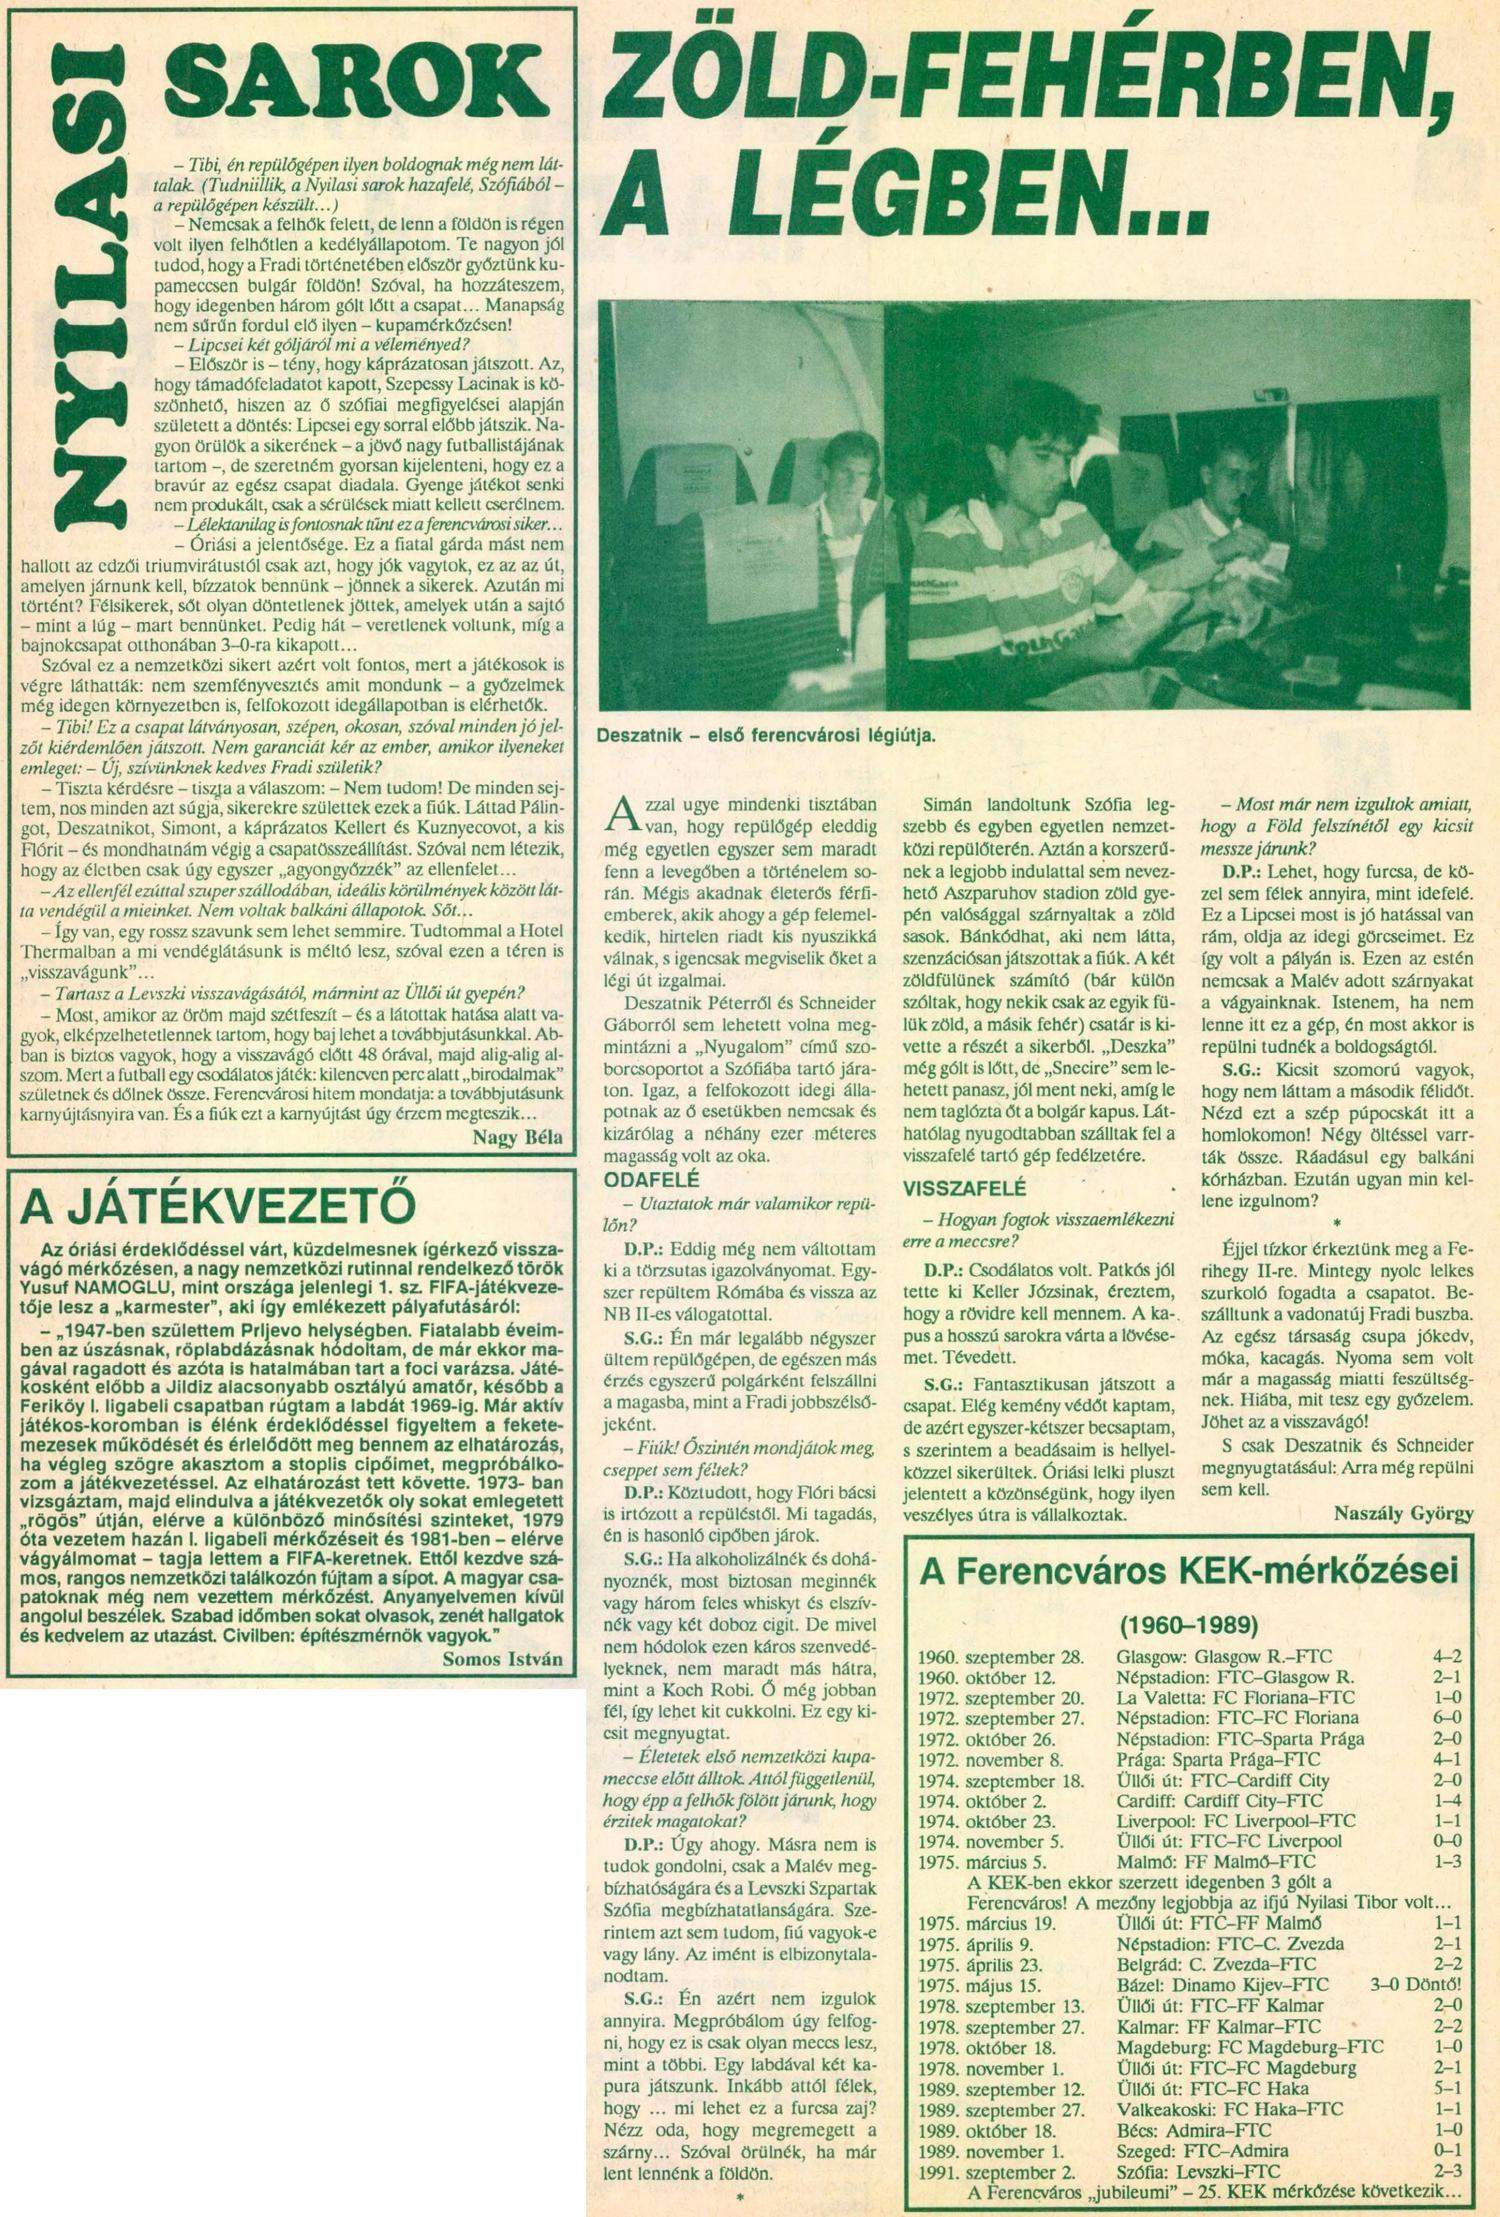 TFU_19910914_Zs_013 -0004-19910918